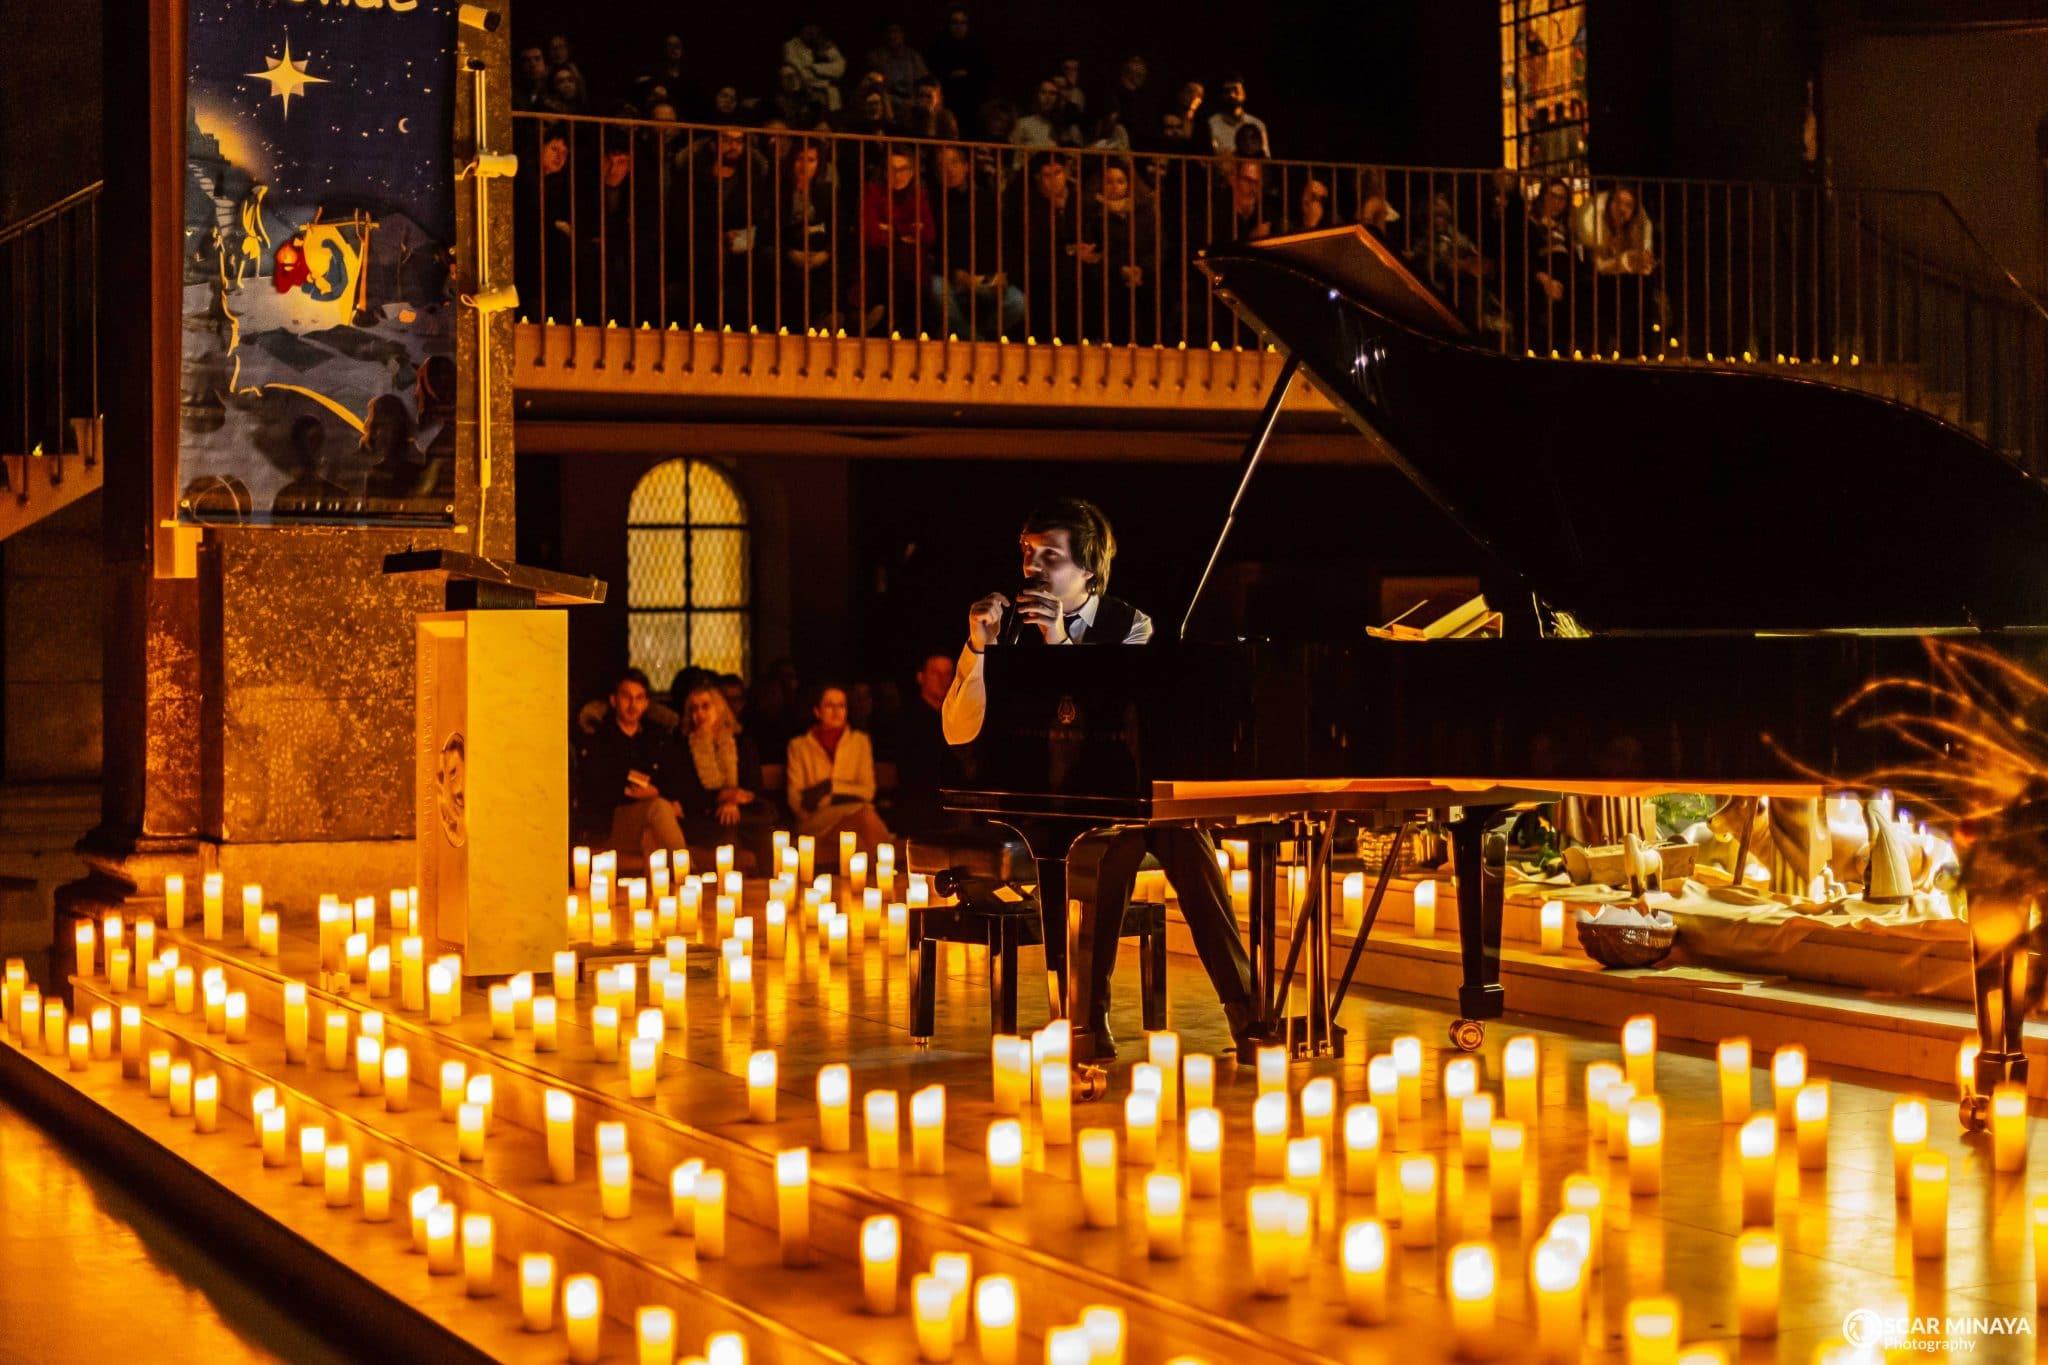 candlelight concerts musique classique bougie lueur magie théâtre mogador fever paris